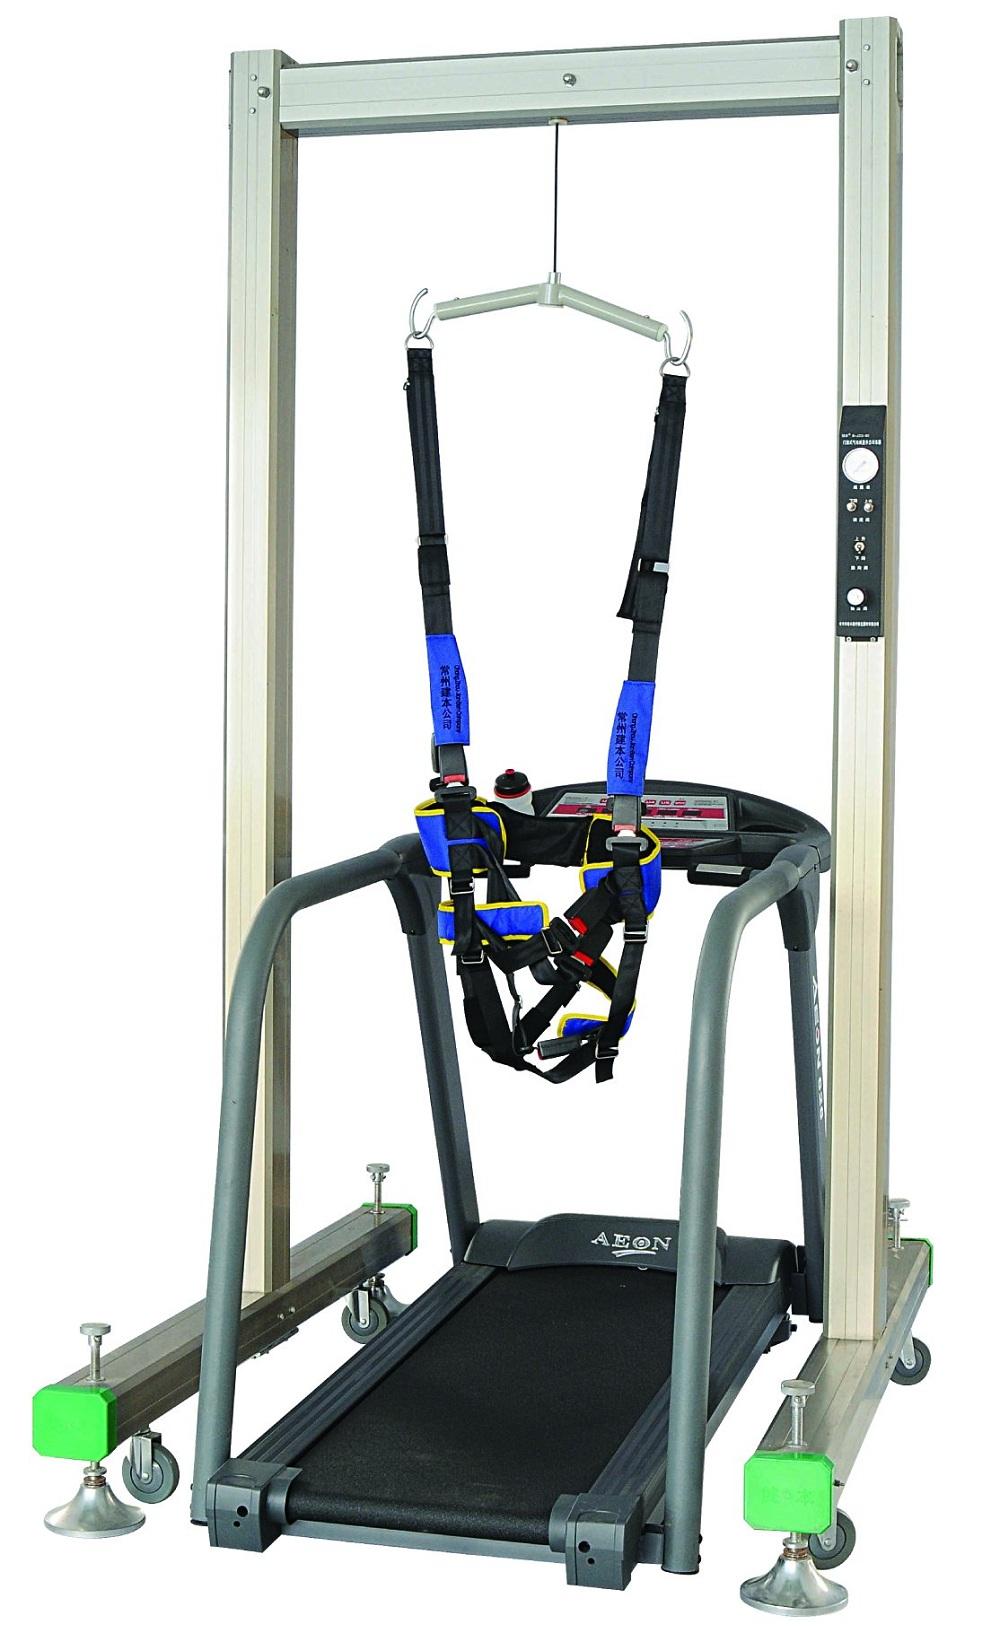 单边门架式气动减重步态训练器(配进口电